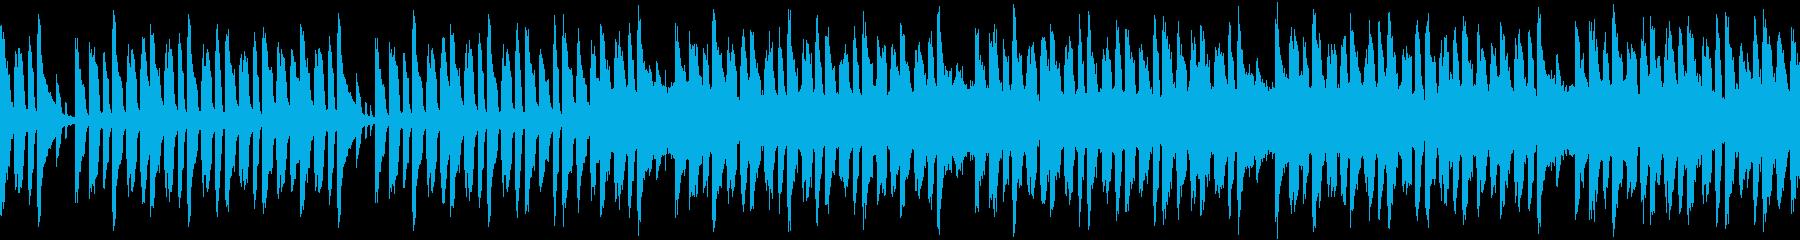 辛くても頑張るみたいな曲(ループ仕様)の再生済みの波形